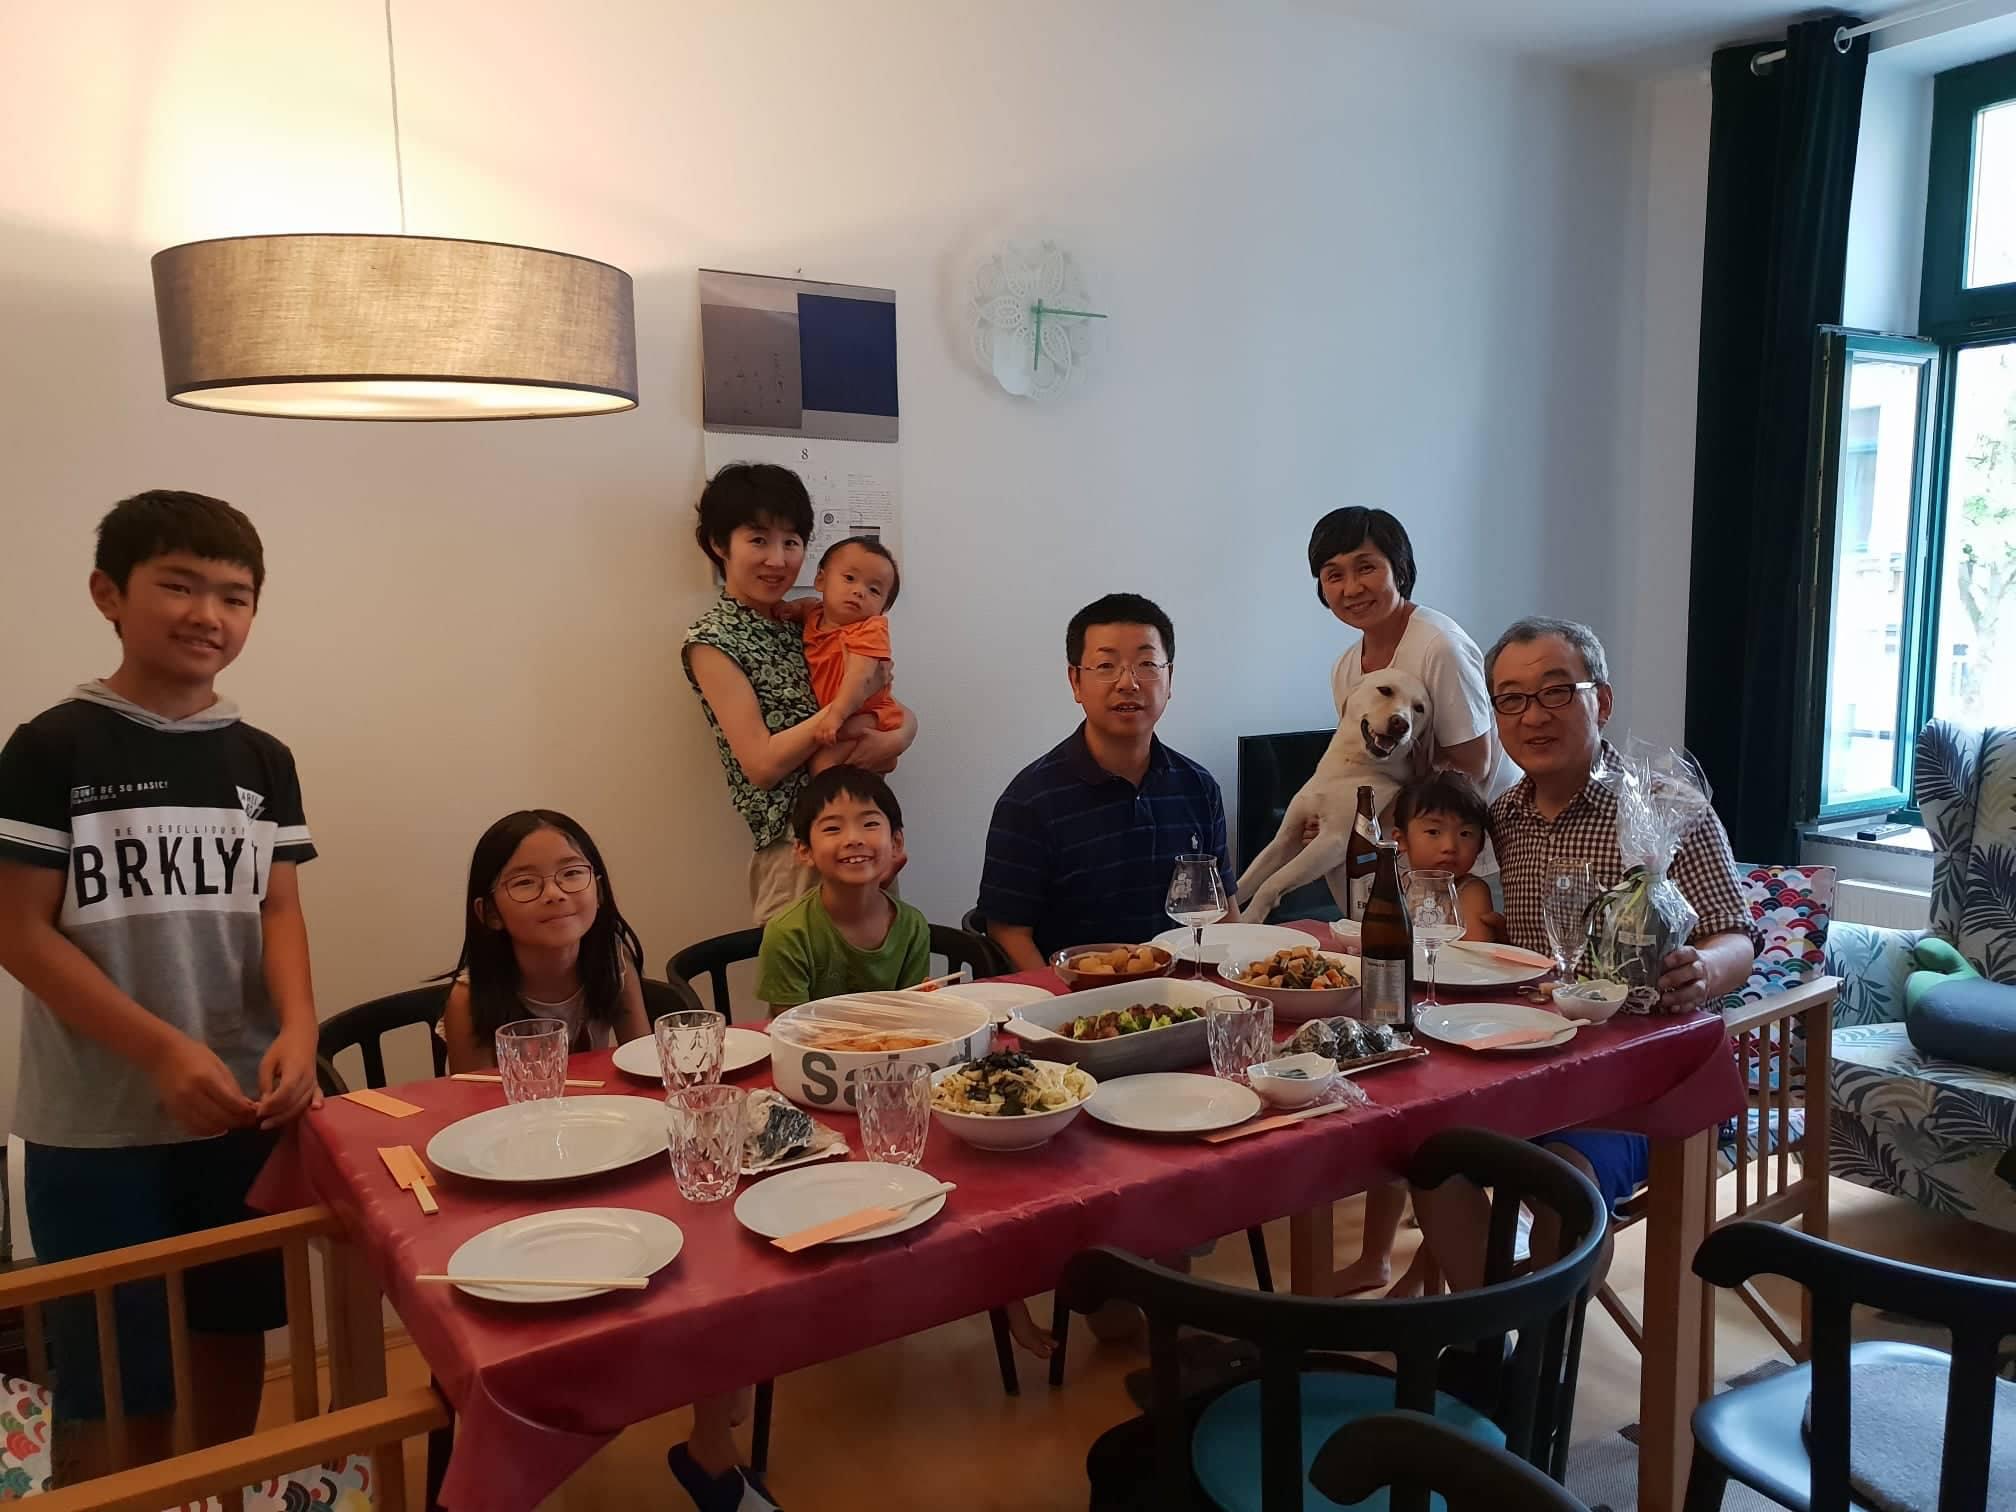 山本さん、奥様、最高の和食をありがとうございました!